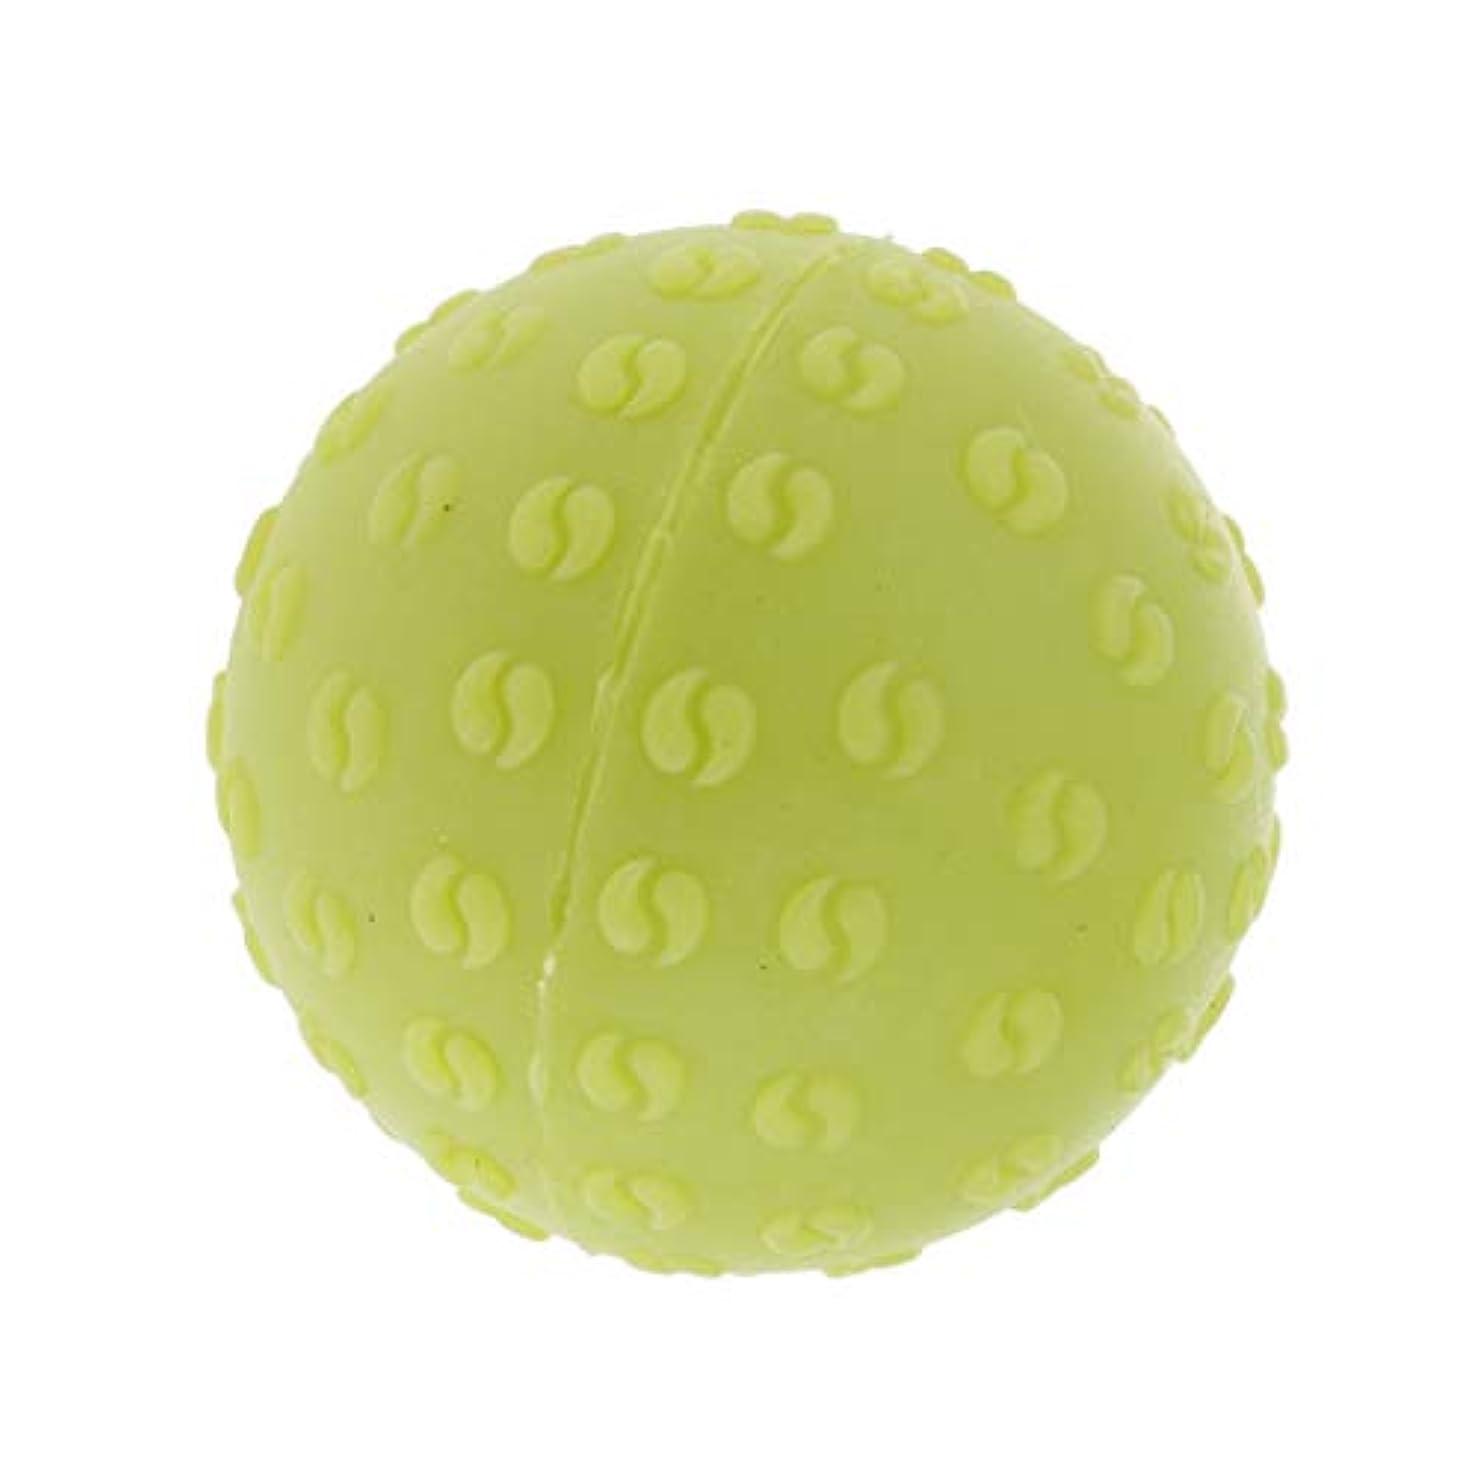 意識振り向く砂漠全6色 マッサージボール 指圧ボール シリコーン トリガーポイント 足底筋膜炎 ヨガ 耐油性 快適 - 緑, 説明のとおり